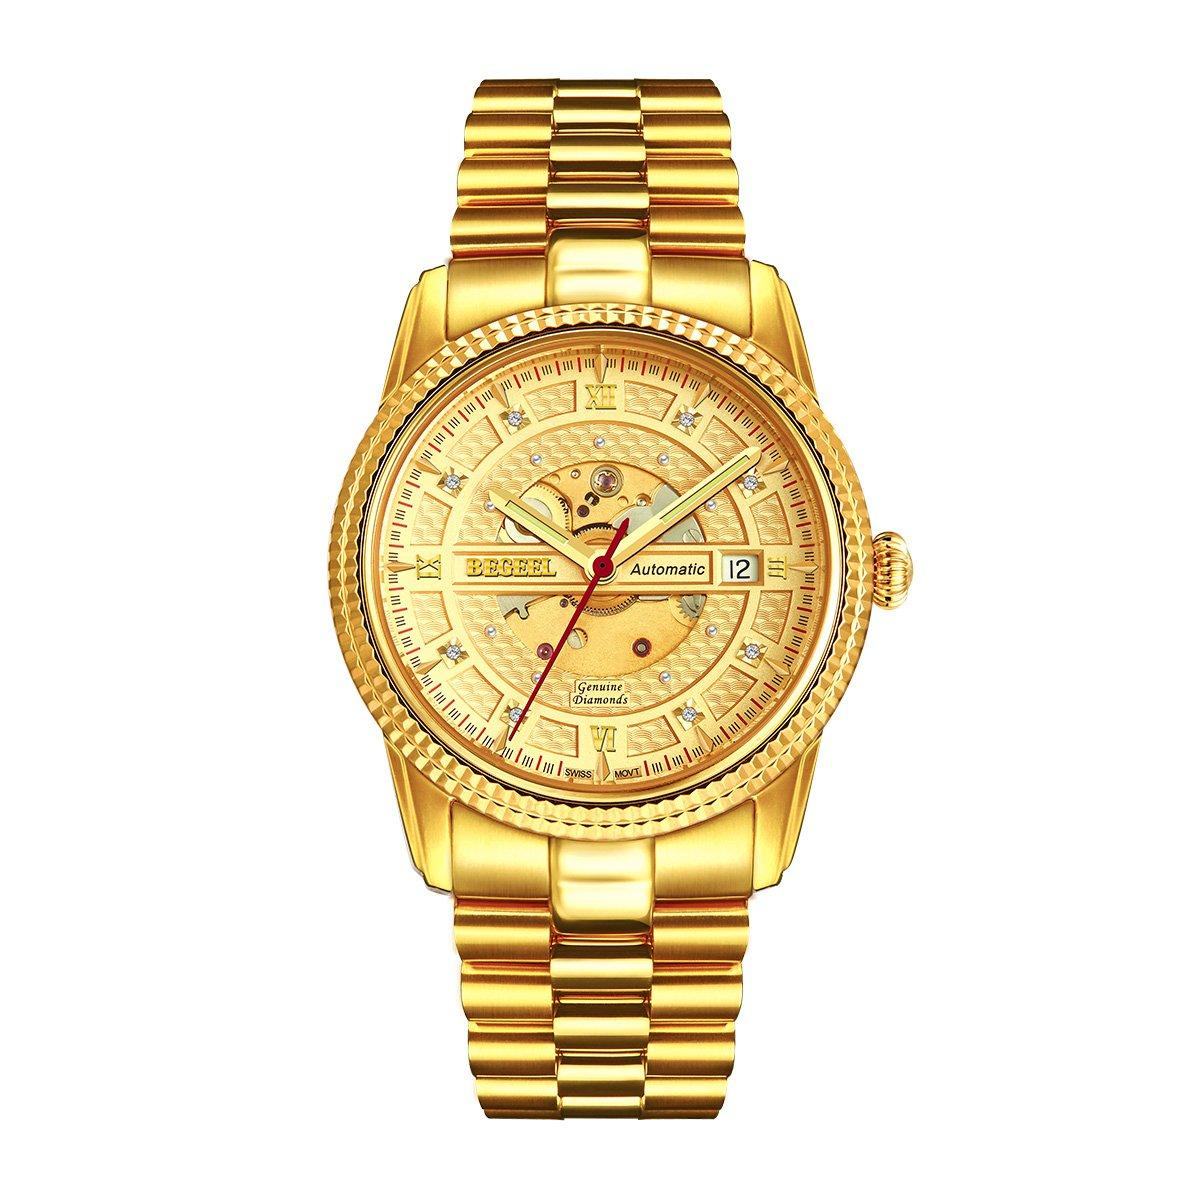 宾爵宾爵瑞士机芯机械手表镀金真钻男士手表镂空手表全自动机械男表B346M-S